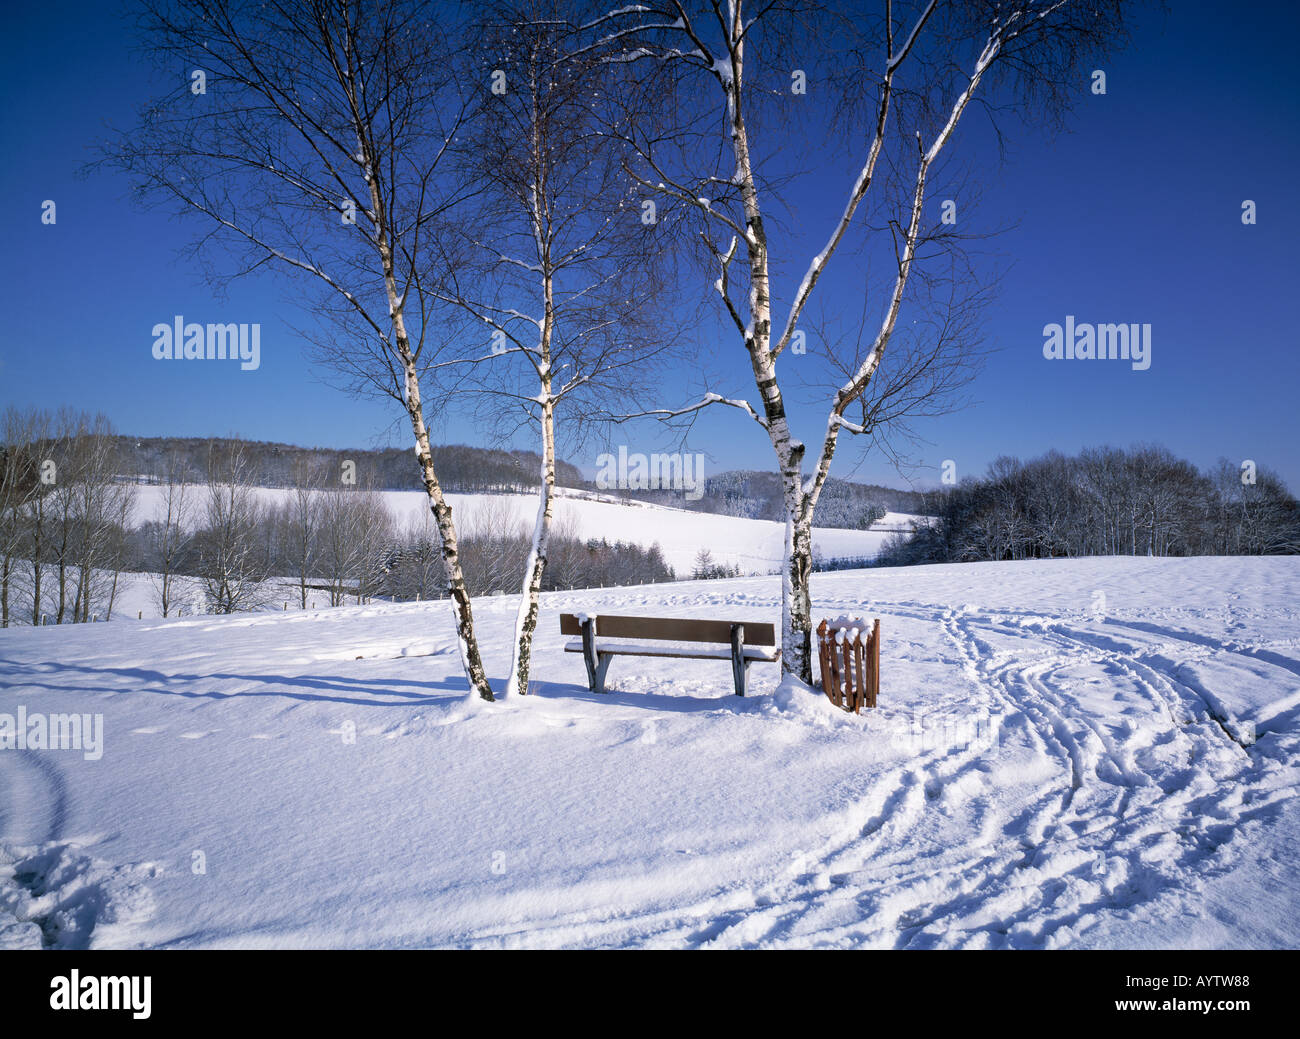 winterlandschaft verschneite landschaft bank mit birken im schnee stock photo royalty free. Black Bedroom Furniture Sets. Home Design Ideas